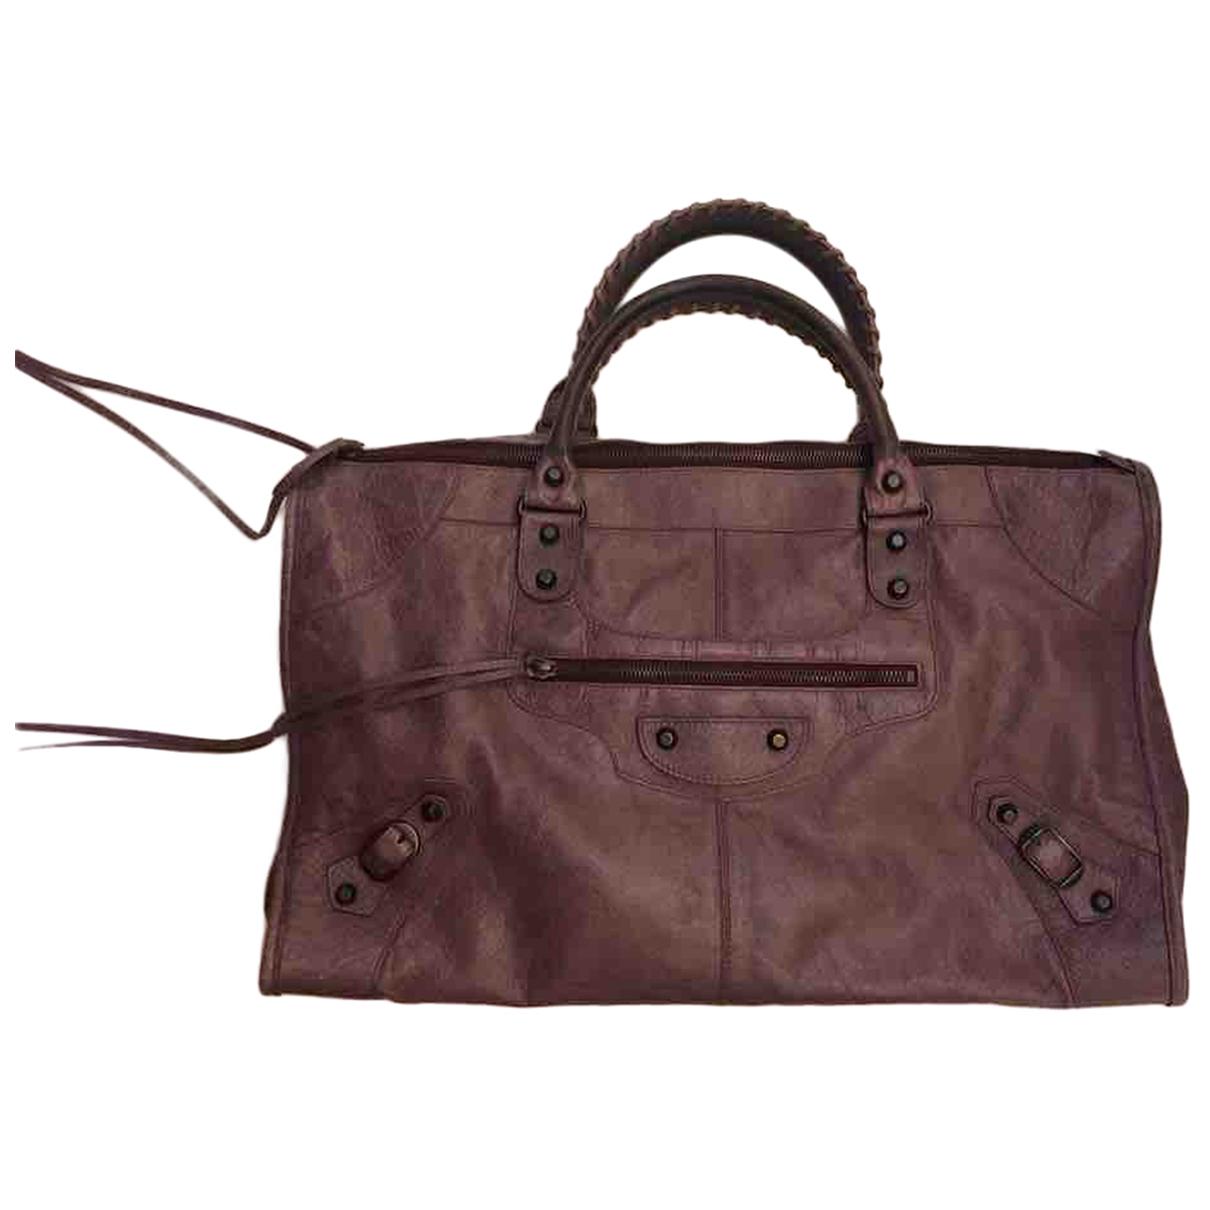 Balenciaga Weekender Handtasche in  Lila Leder